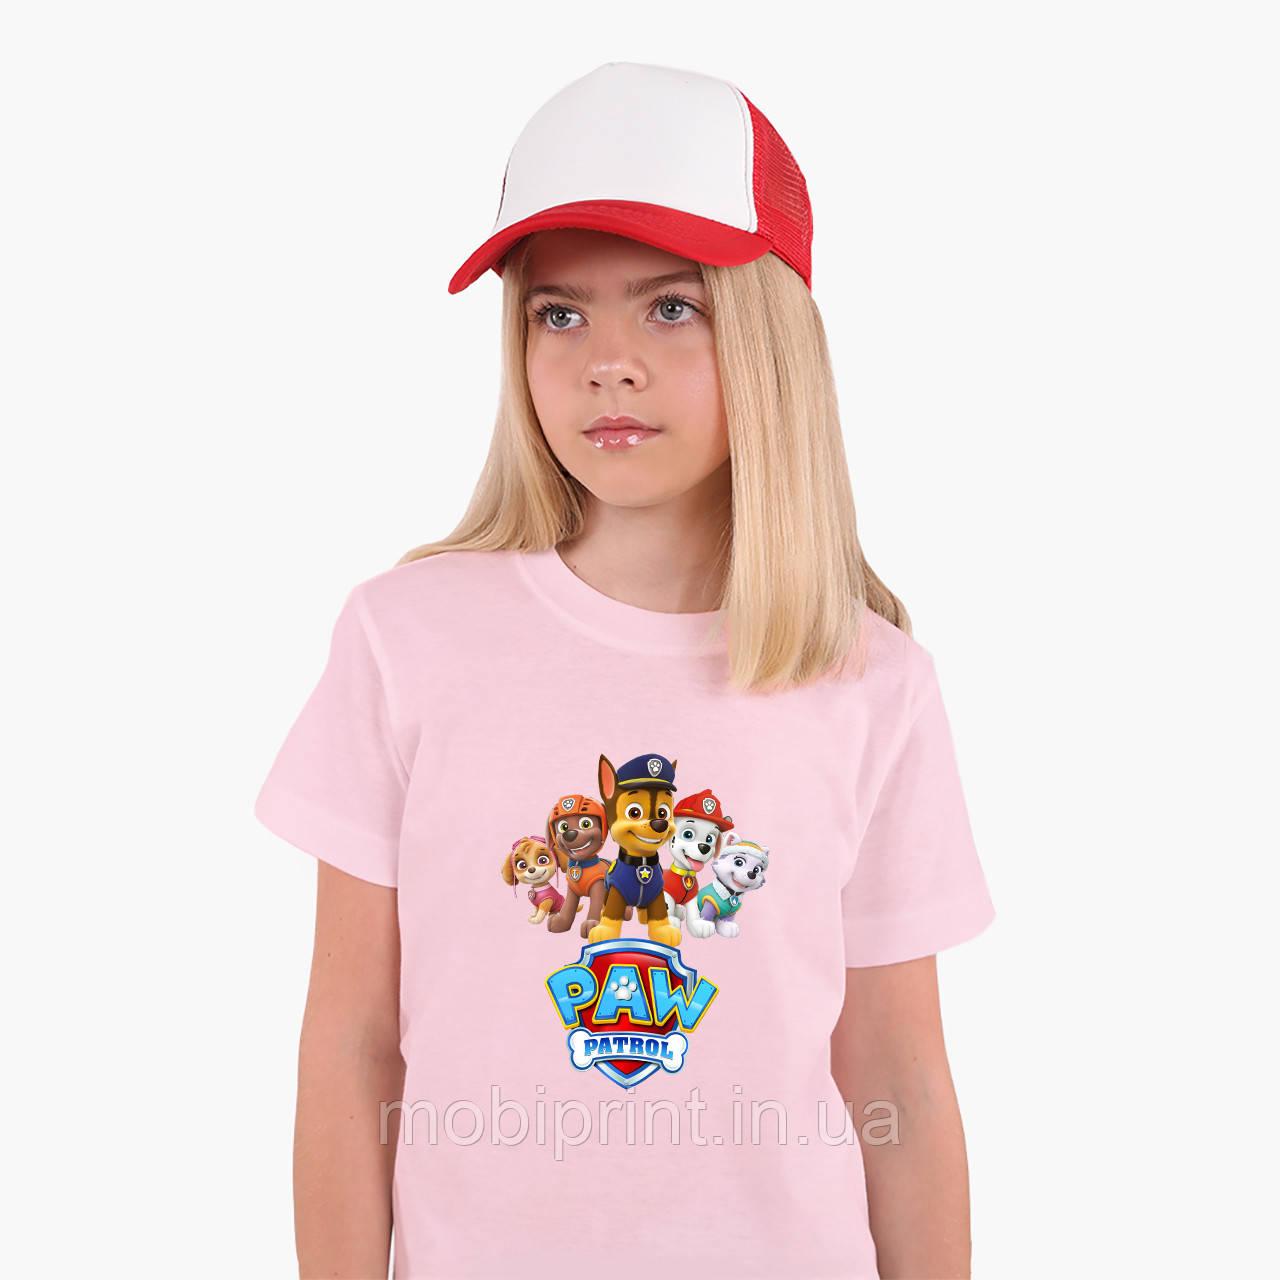 Детская футболка для девочек Щенячий патруль (PAW Patrol) (25186-1608) Розовый